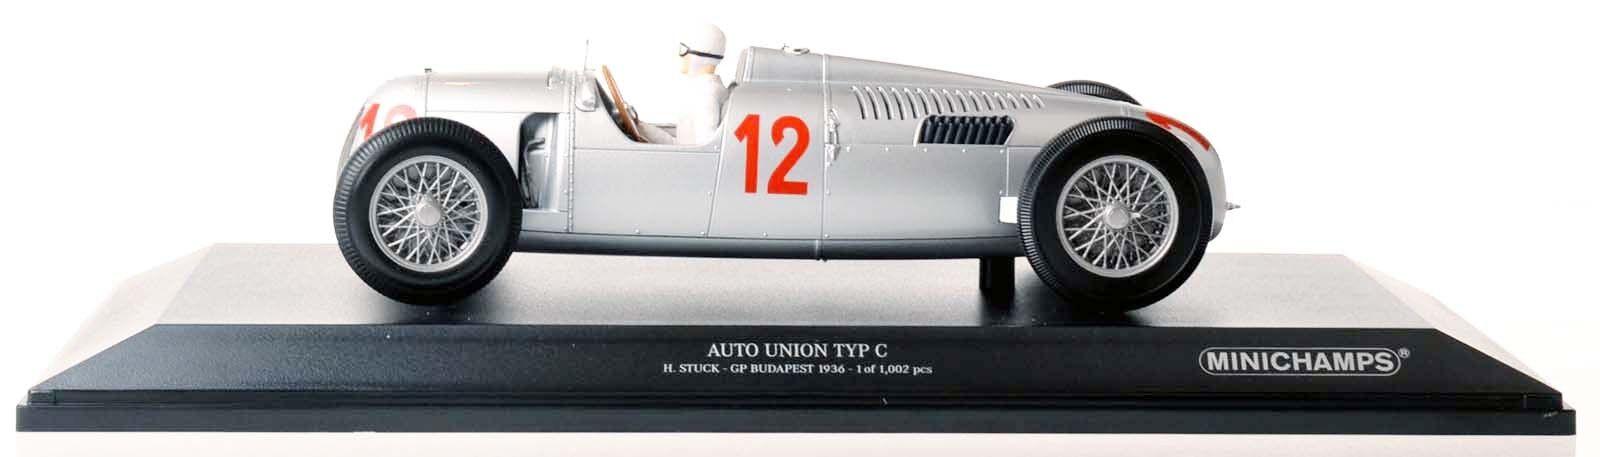 MINICHAMPS 155361012  Auto Union Type C H. stuc Budapest 1936 1 18 Nouveau Neuf dans sa boîte  avec 100% de qualité et 100% de service